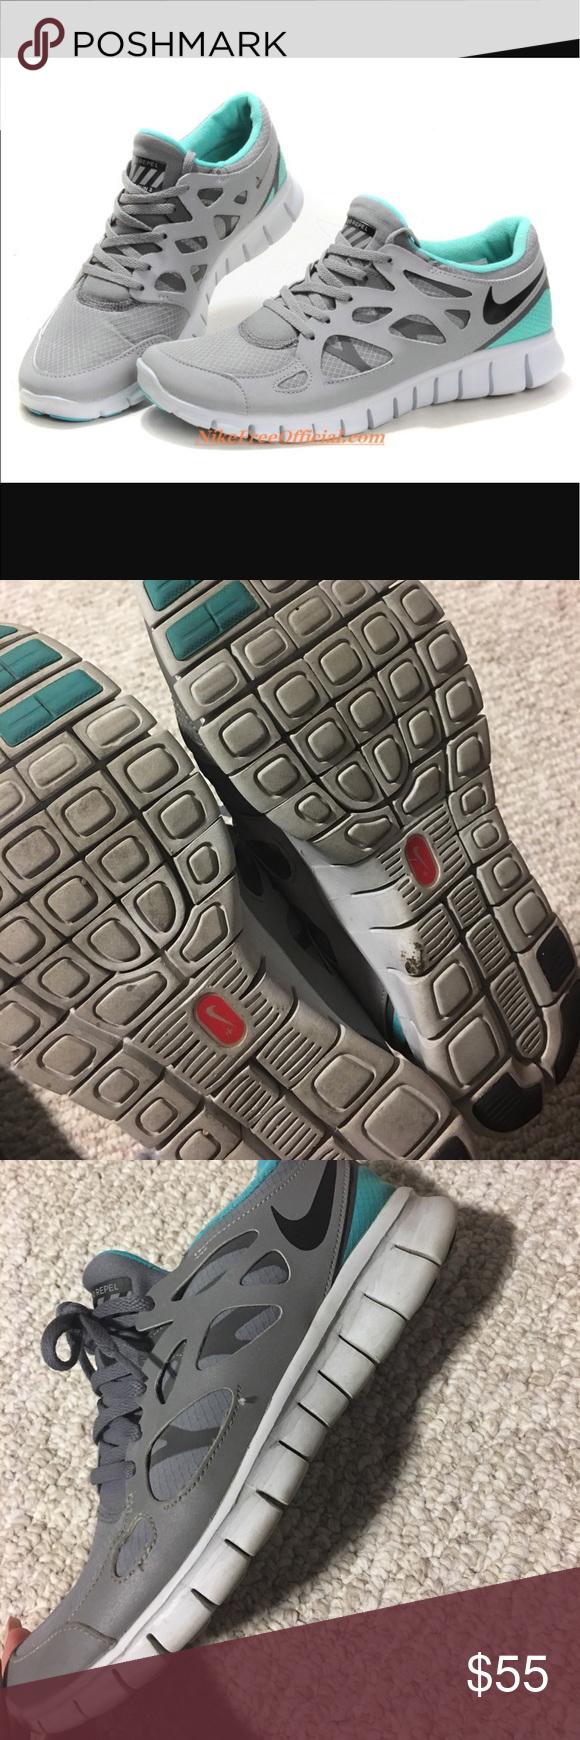 Waterproof running shoes, Nike free